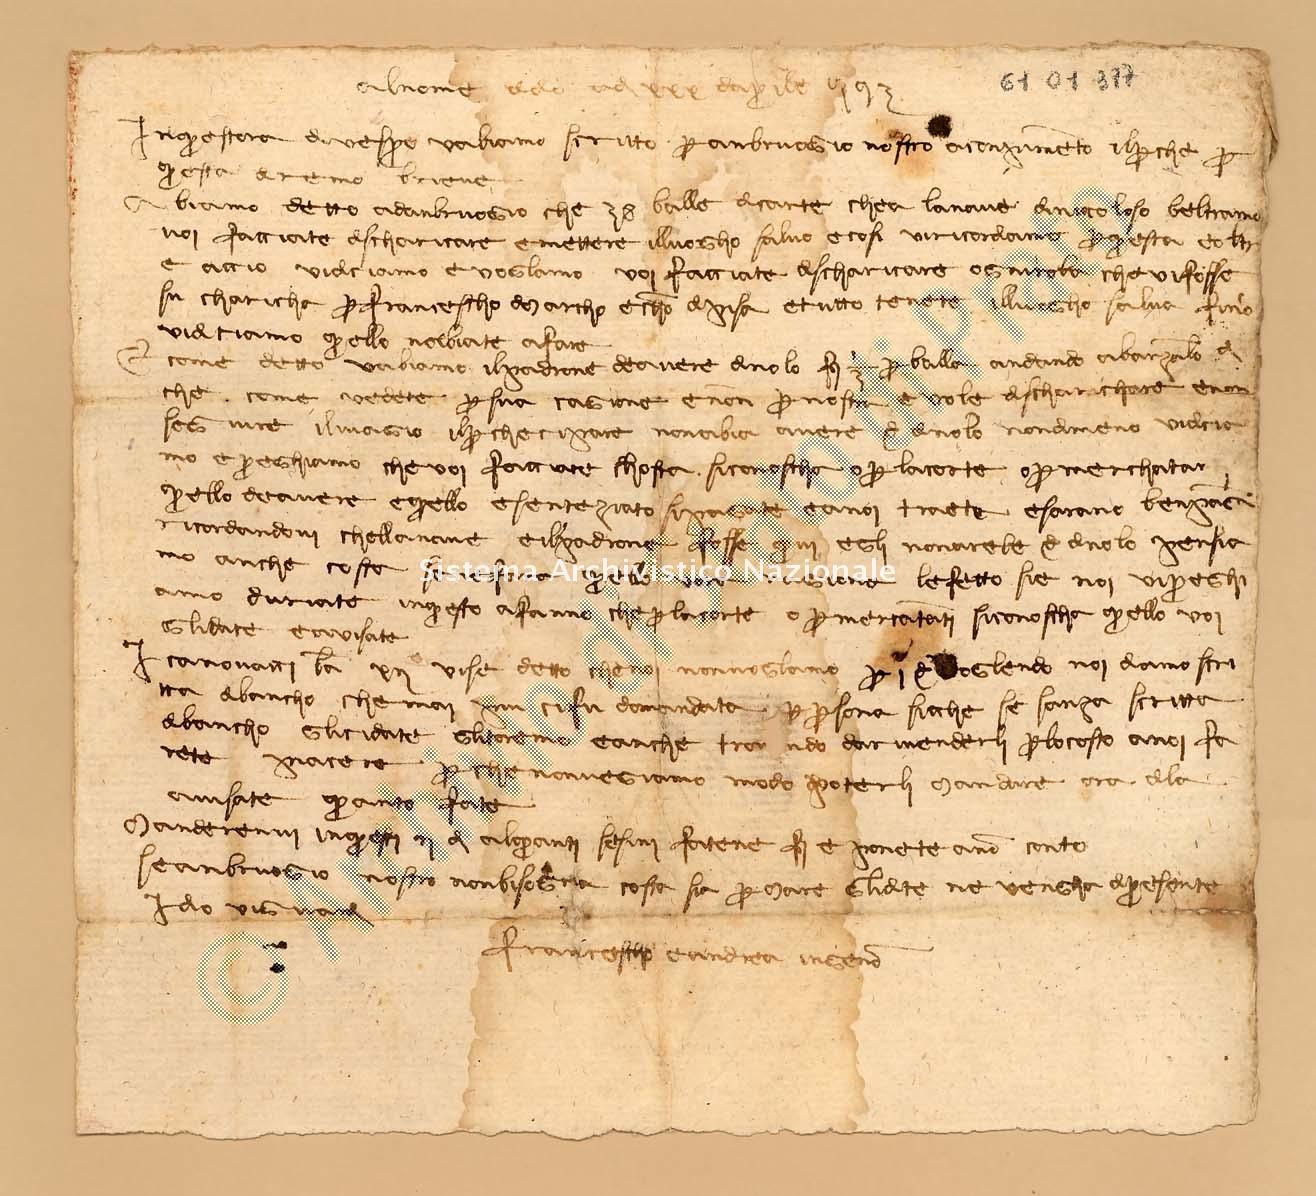 Archivio di Stato di Prato, Fondo Datini, Appendice al carteggio, 1116.254 Lettere Di Datini Francesco Di Marco e Andrea Di Bonanno Di Ser Berizo e Comp. a Bartolomeo Di Barone Da Savona (busta 1116, inserto 254, codice 6101377)